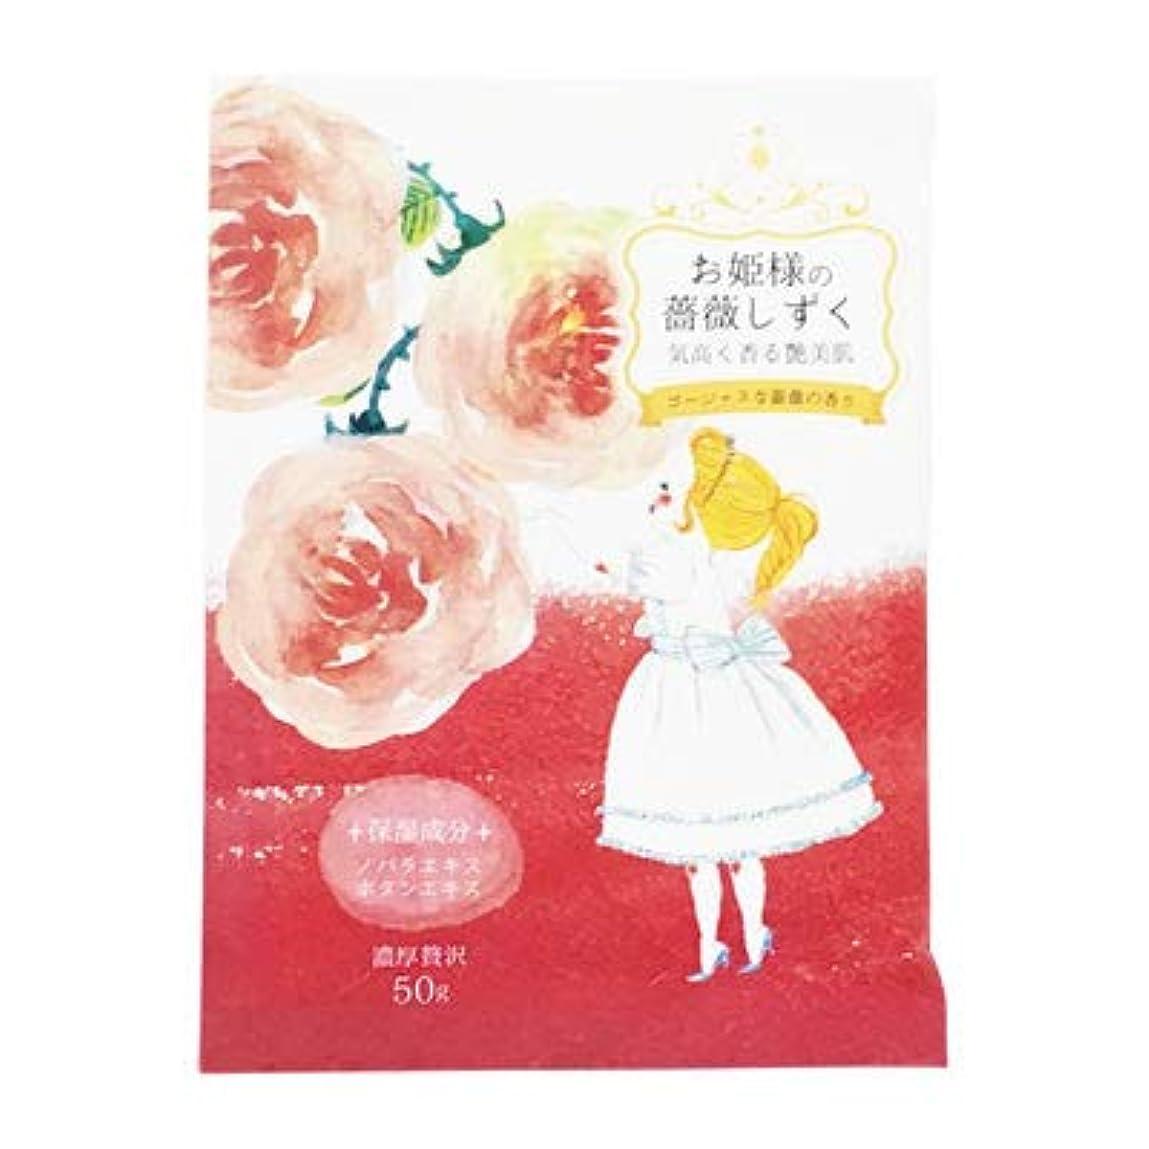 あえぎちょっと待って条約【まとめ買い3個セット】 お姫様風呂 薔薇しずく